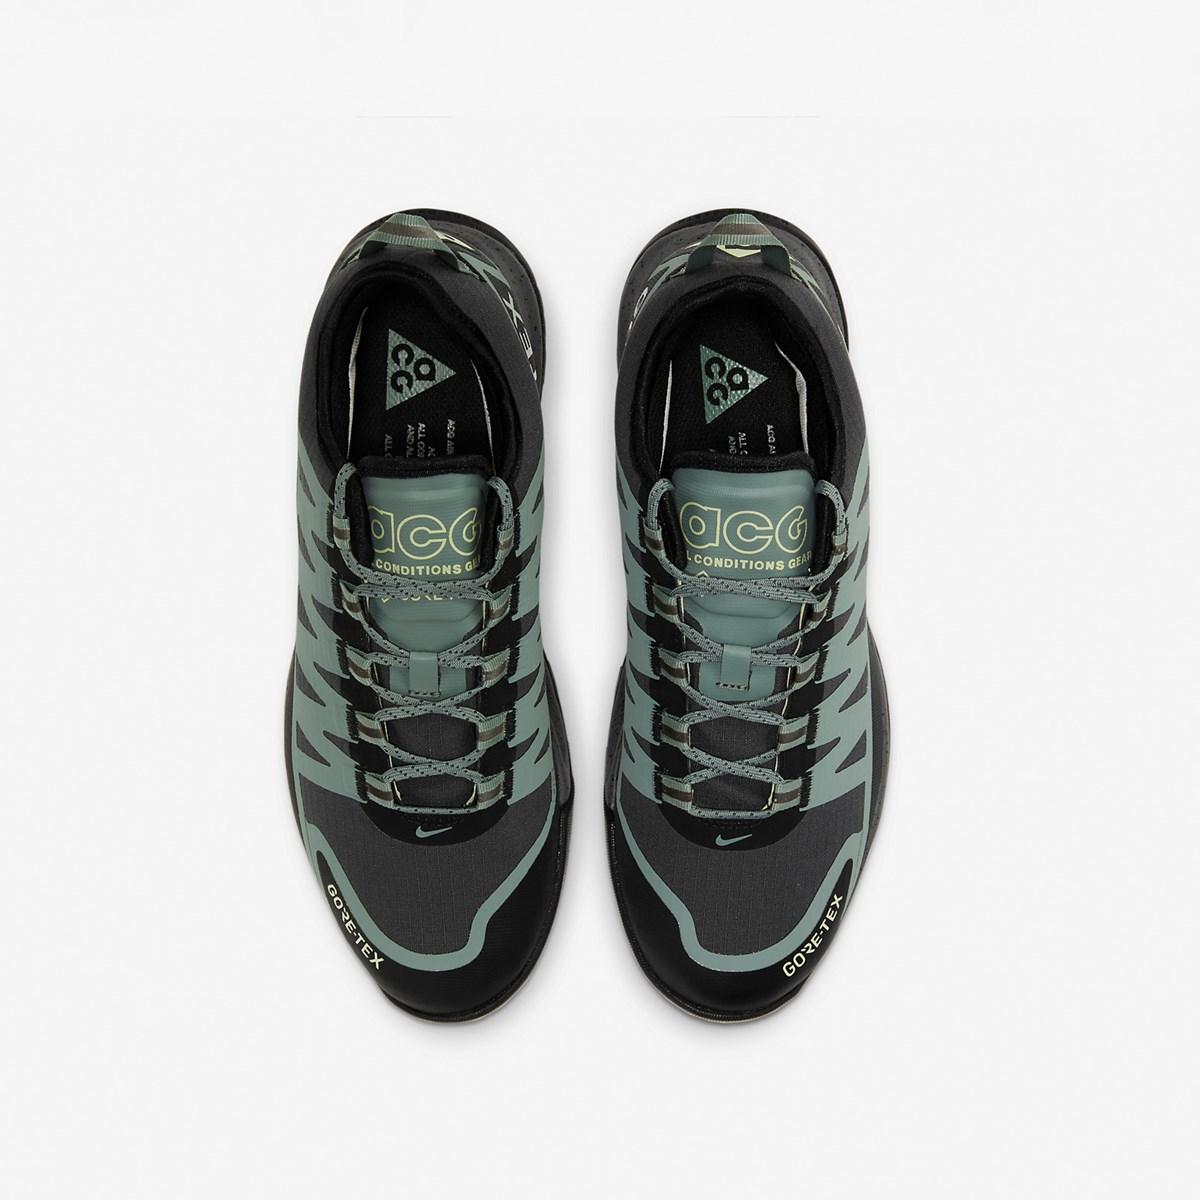 ACG Air Nasu Gore-TEX CLAY GREEN CW6020-300 Size 6-14 BRAND NEW